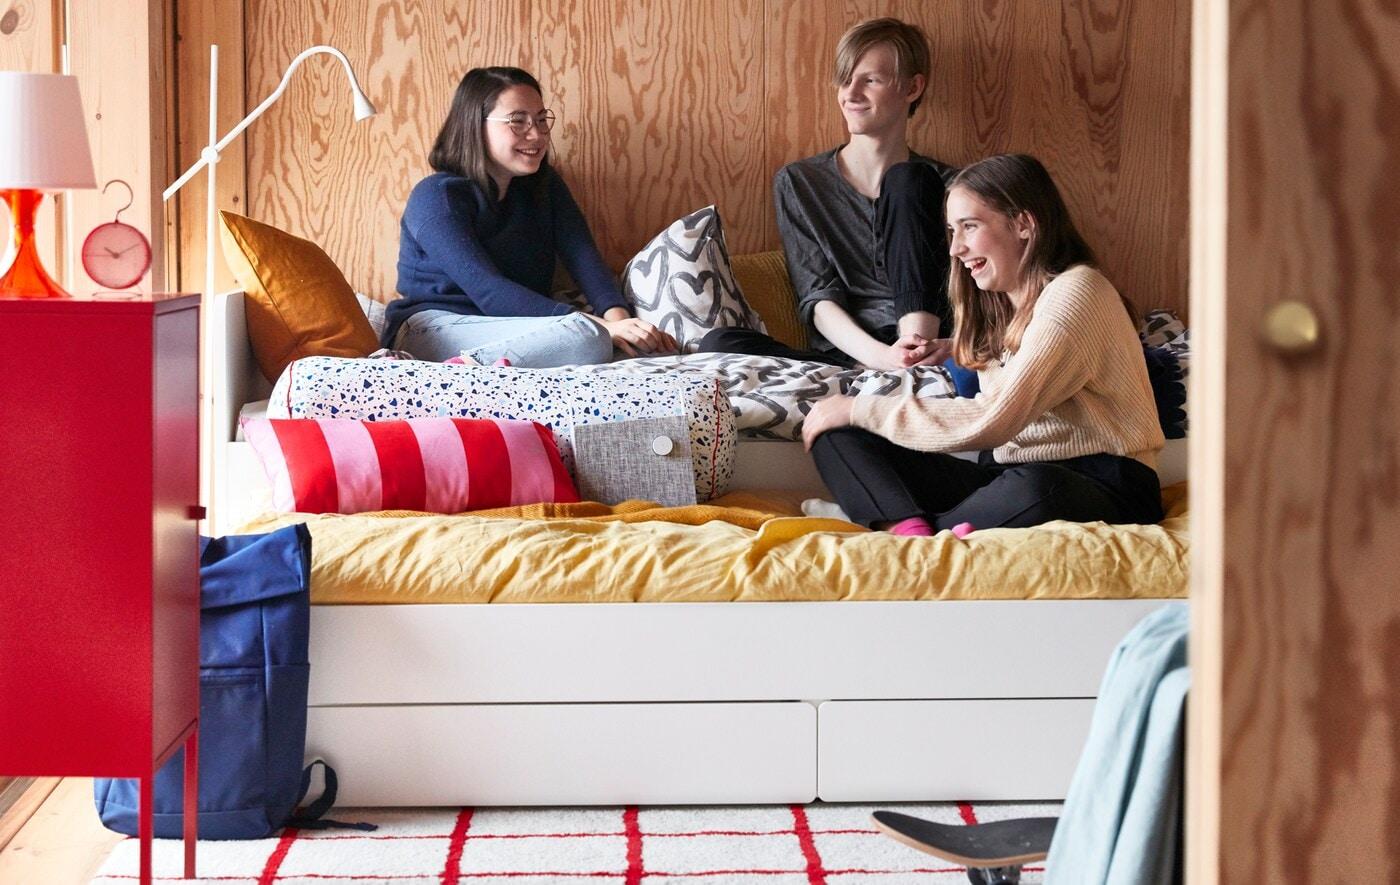 Drei Teenager sitzen auf einem SLÄKT Bettgestell mit Unterbett und Bluetooth-Lautsprecher in einem hellen Zimmer mit Holzwänden. Neben dem Bett steht ein kleiner, roter Schrank.